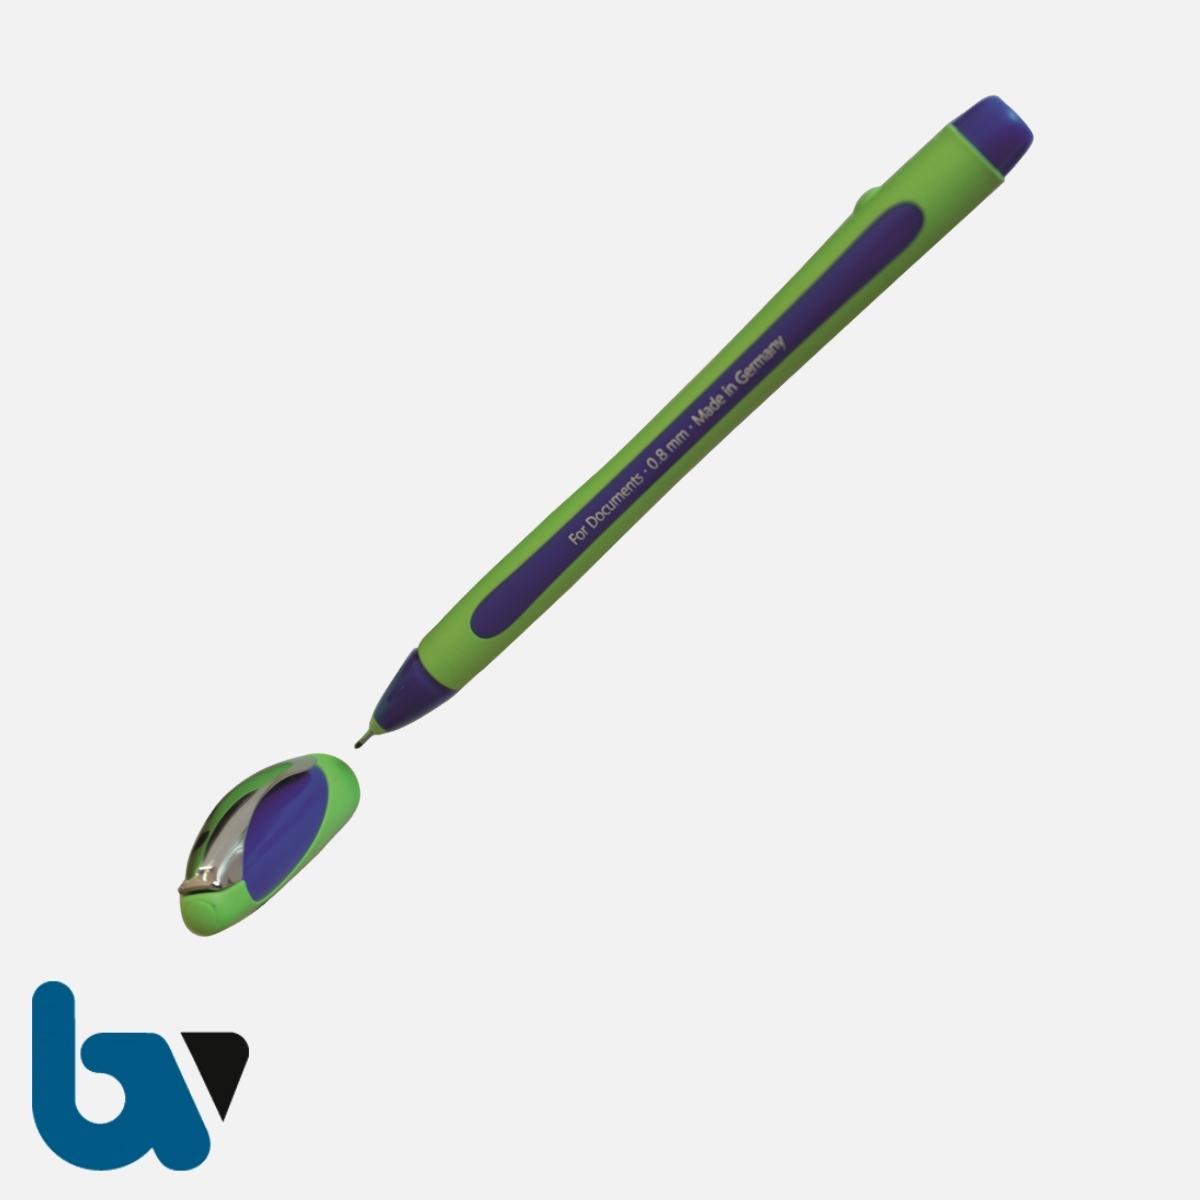 0/519-29 B Dokumentenstift Premium-Fineliner blau dokumentenecht | Borgard Verlag GmbH